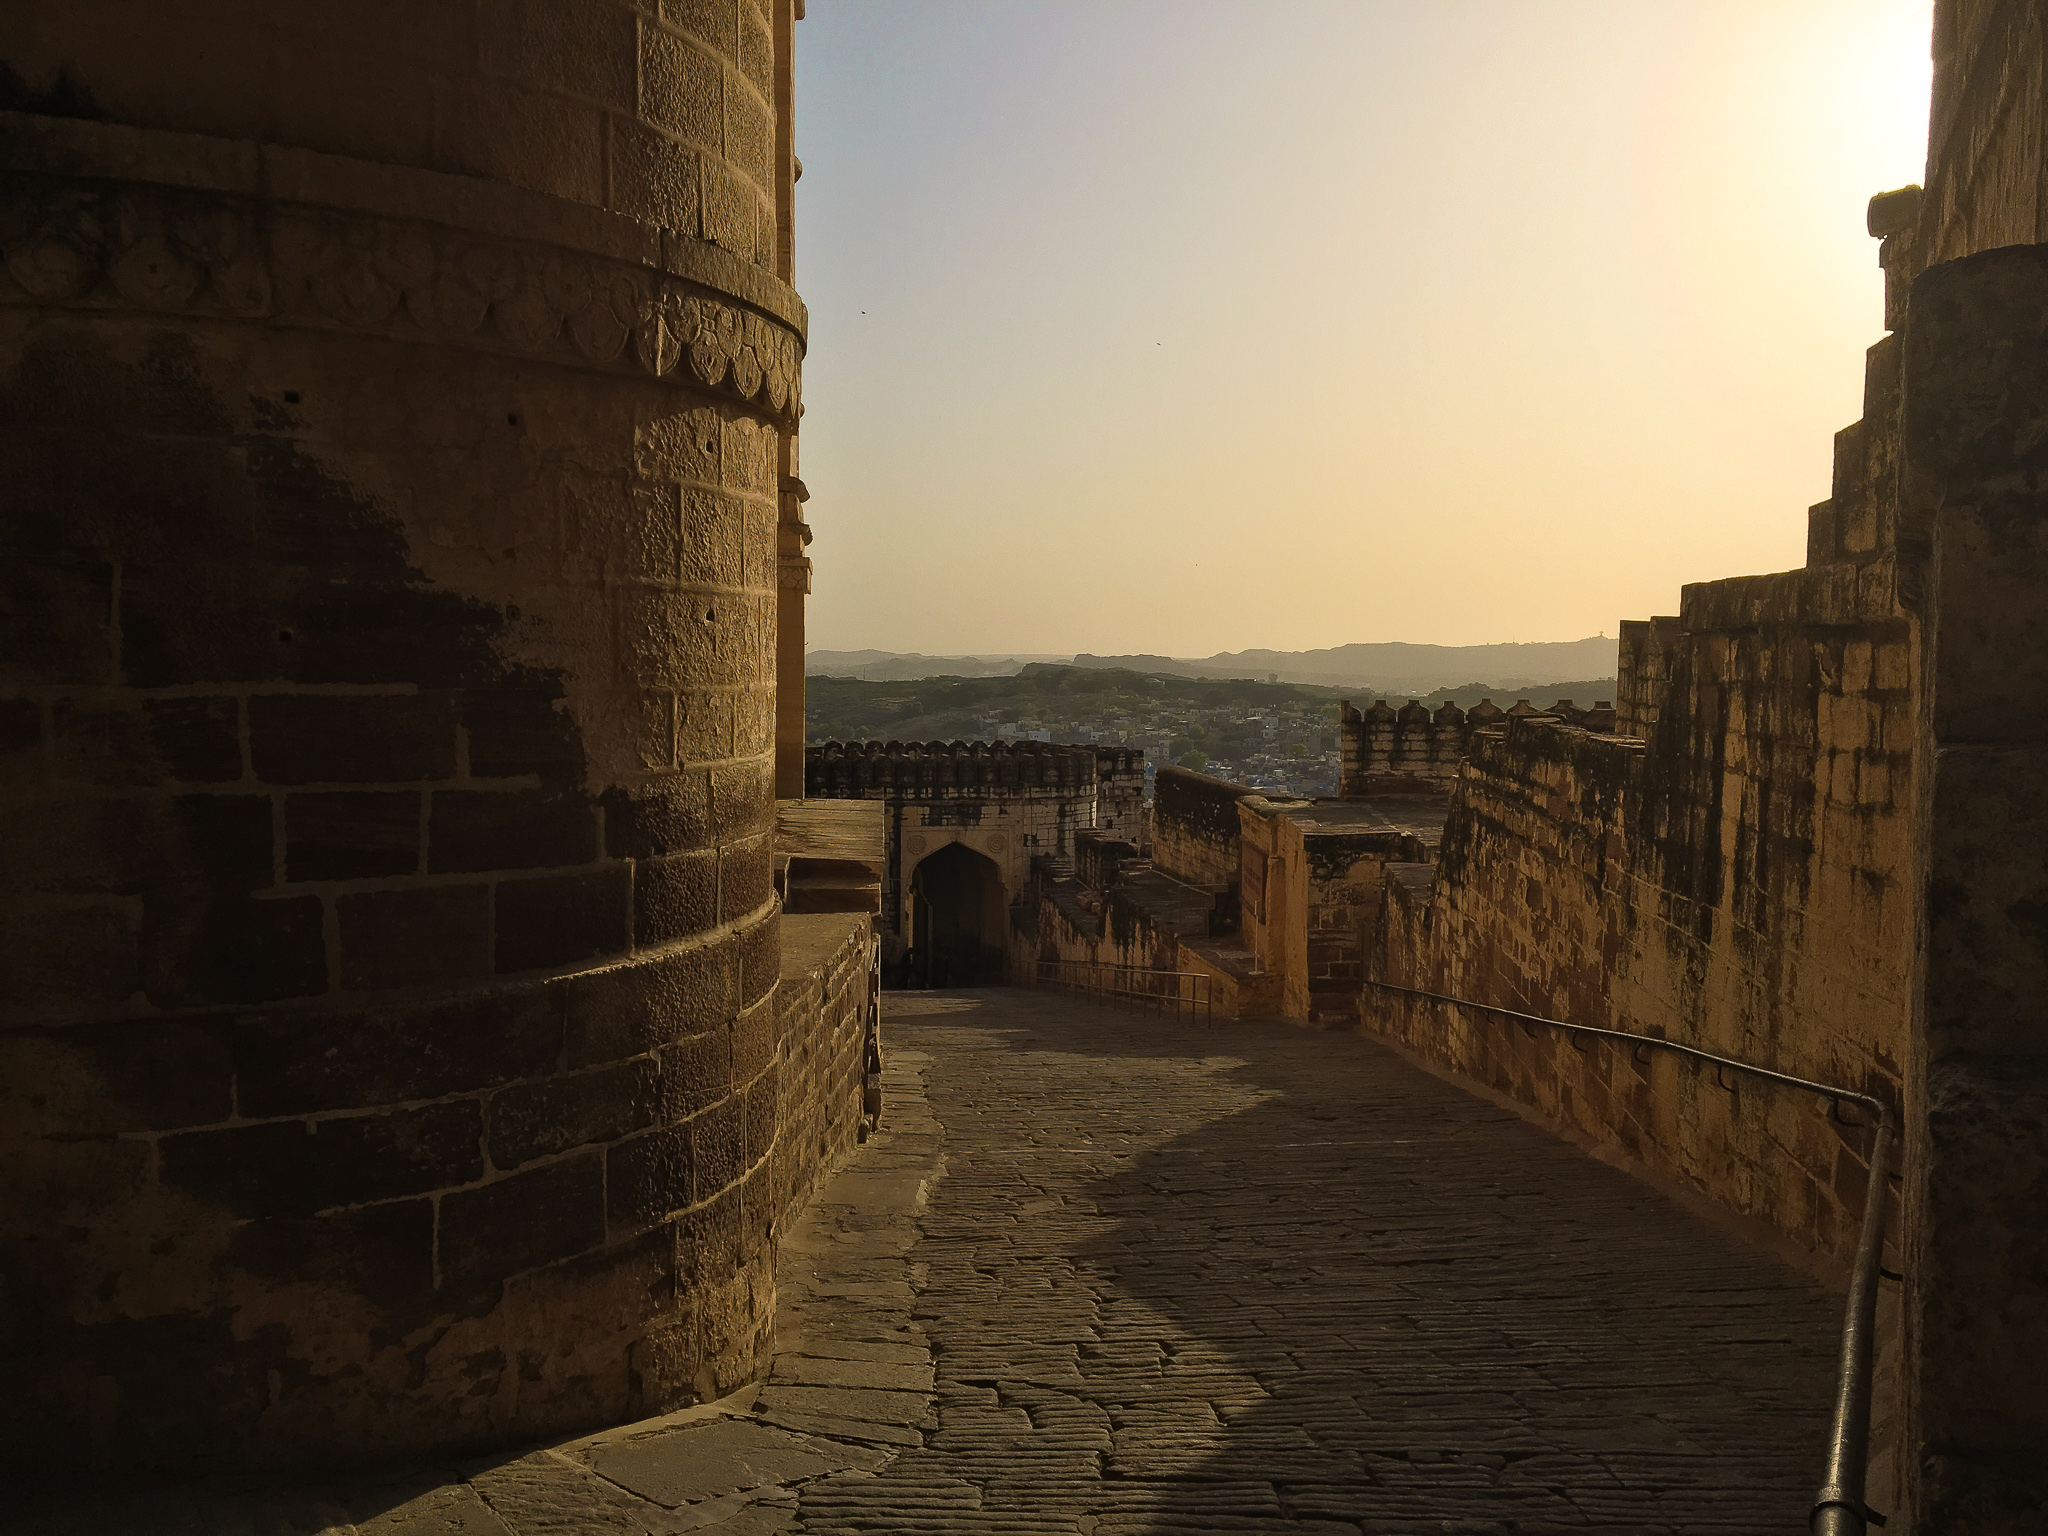 Que faire à Jodhpur? Visiter le Fort.